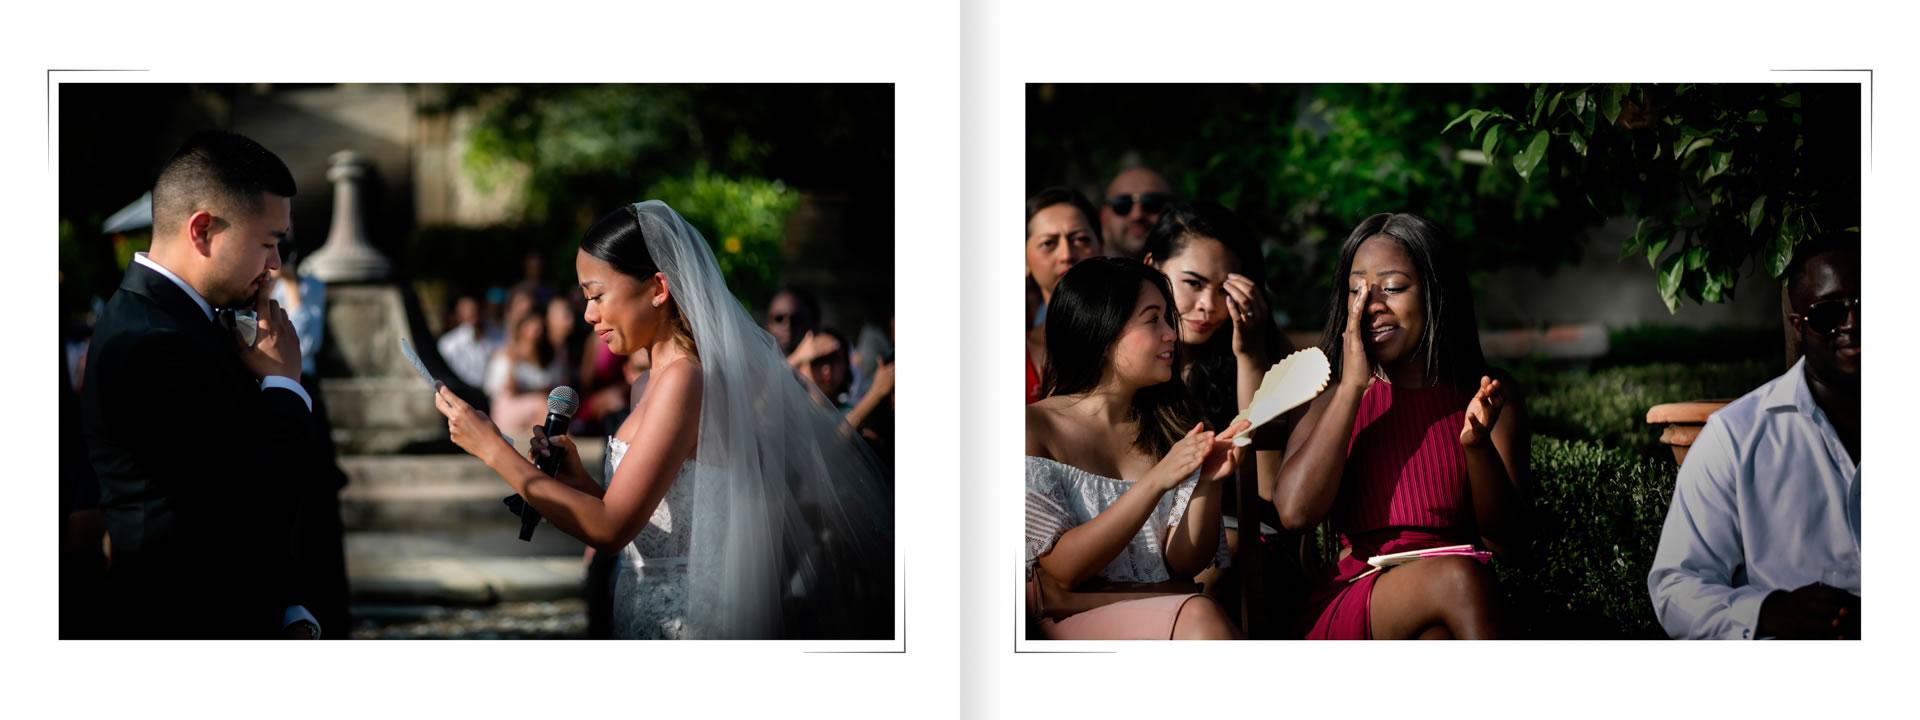 villa-di-maiano-david-bastianoni-photographer-00020 - 20 :: Wedding at Villa di Maiano :: Luxury wedding photography - 19 :: villa-di-maiano-david-bastianoni-photographer-00020 - 20